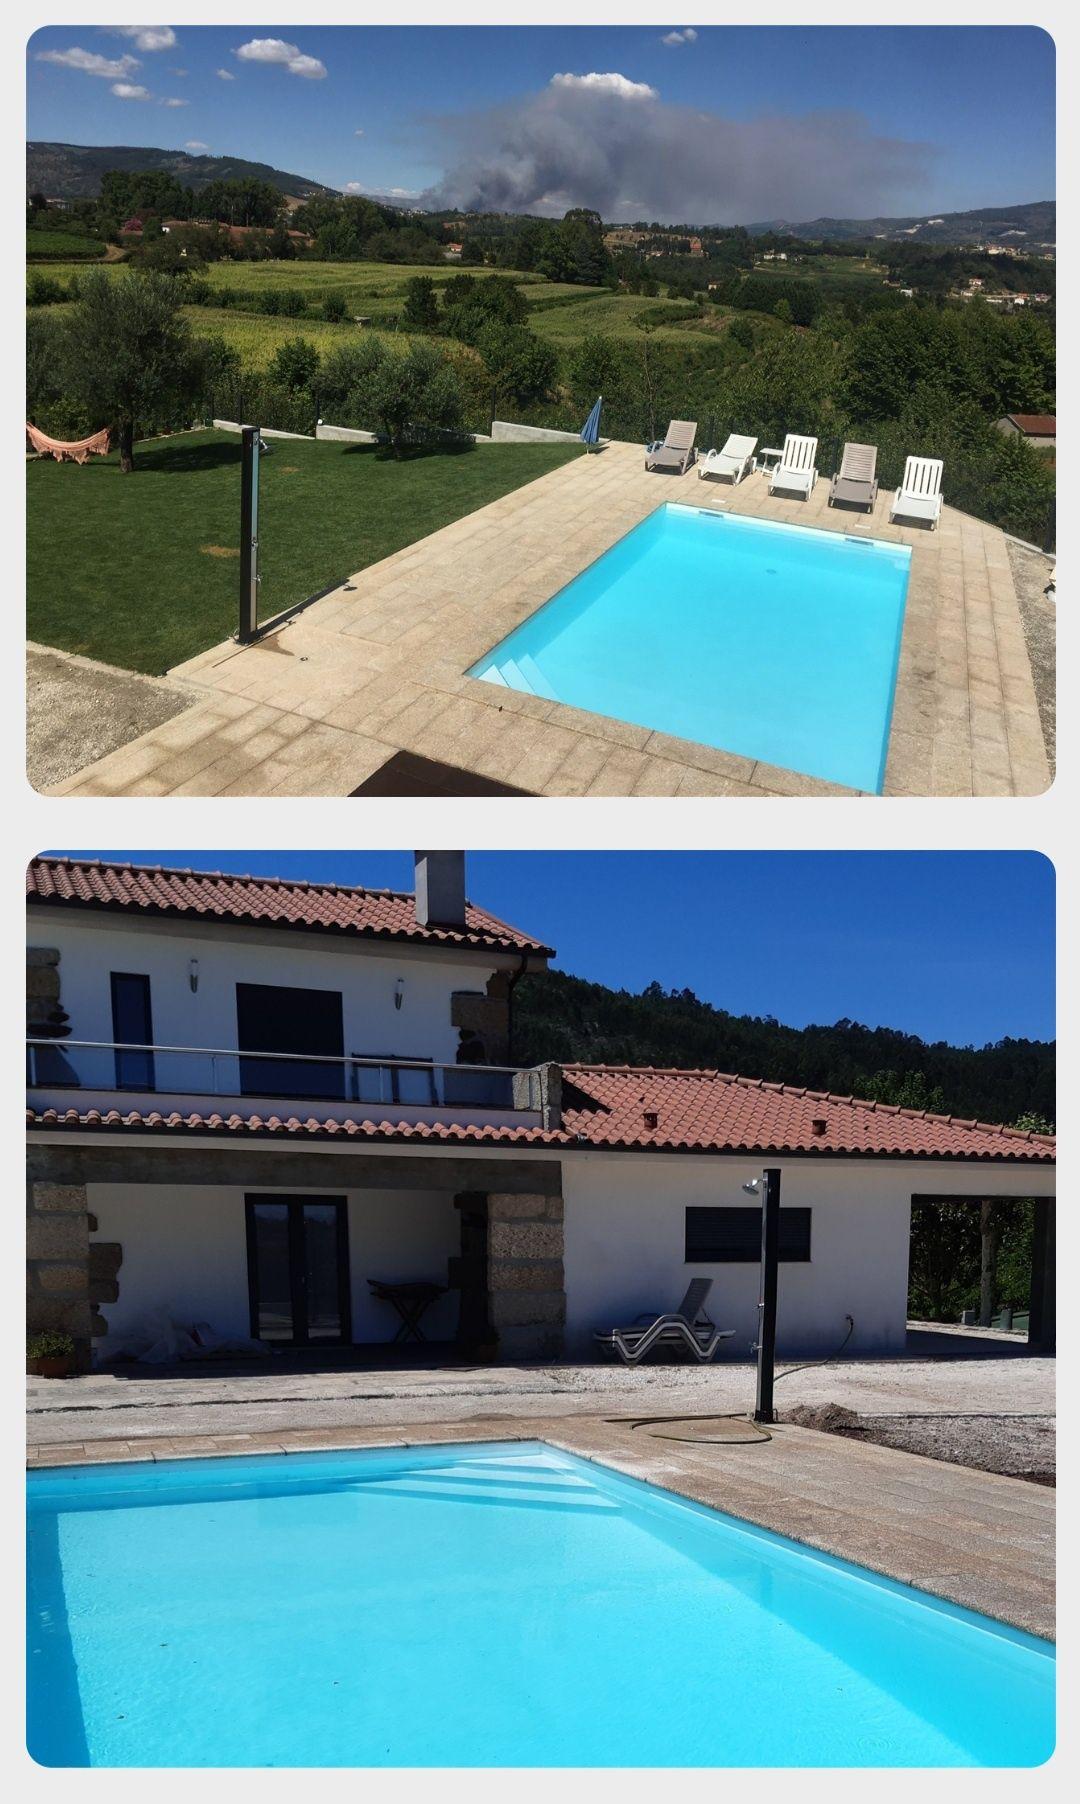 Casa (T2+1) c\ Piscina Privada Luxo, 100 euros/noite  Celorico Basto